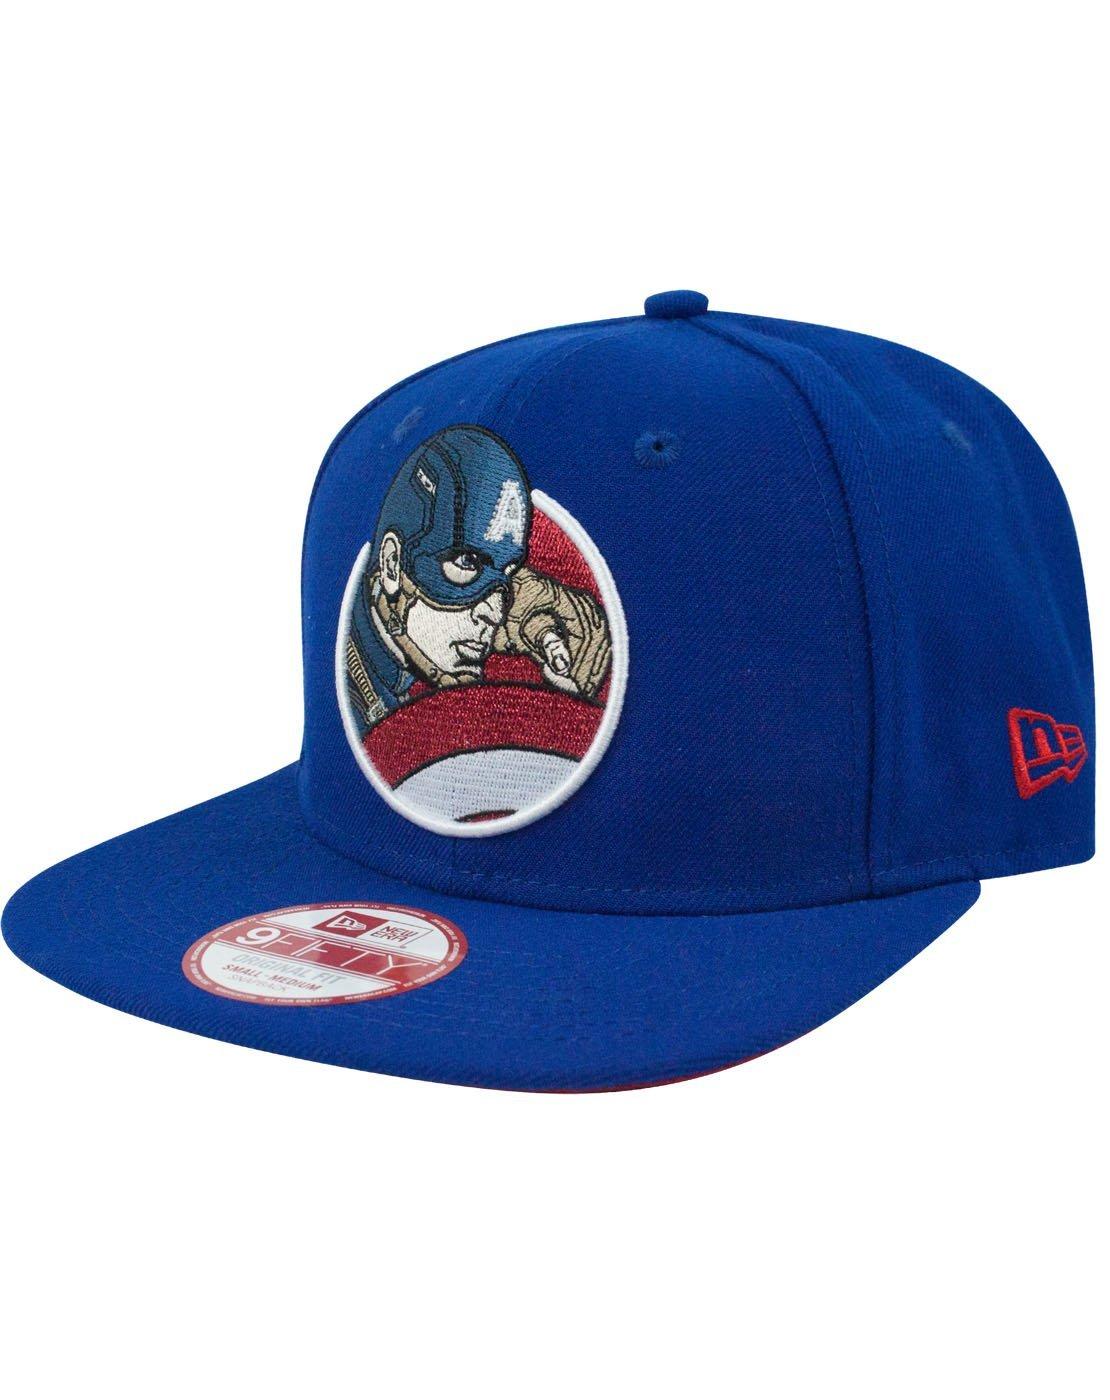 New Era 9Fifty Captain America Retroflect Snapback Cap (M-L)